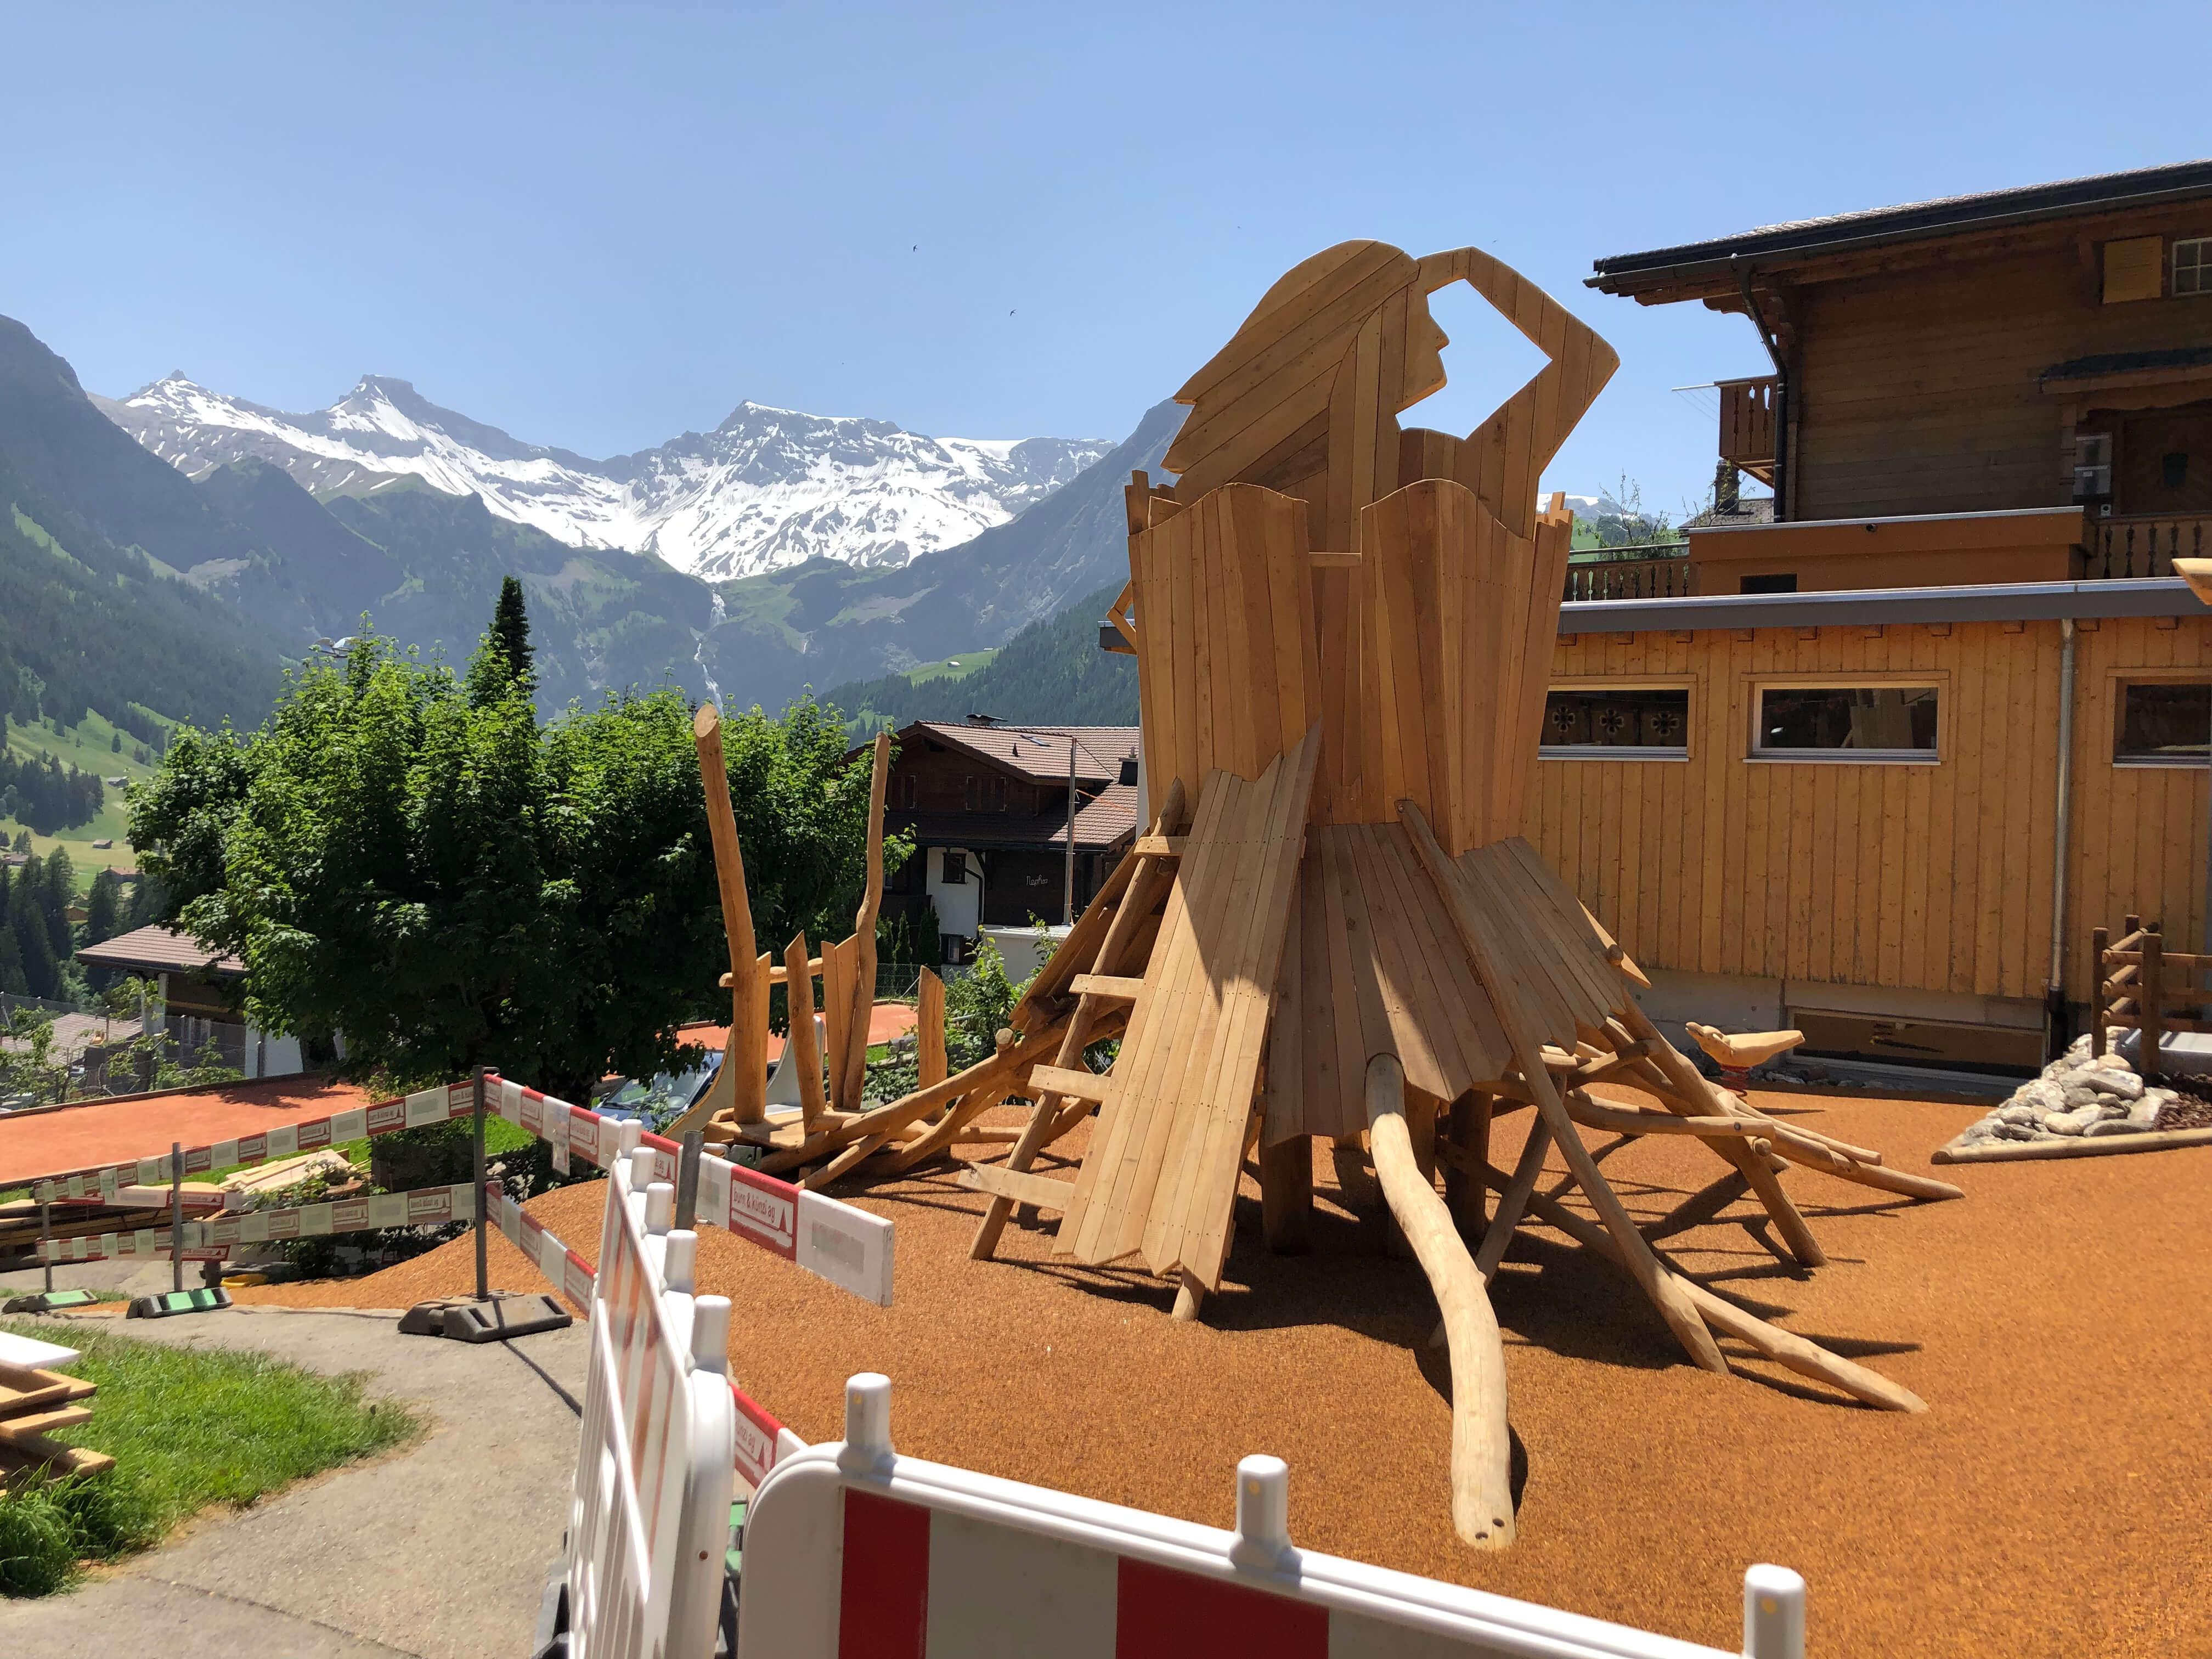 Holzkunstwerk mit Blick auf Berge